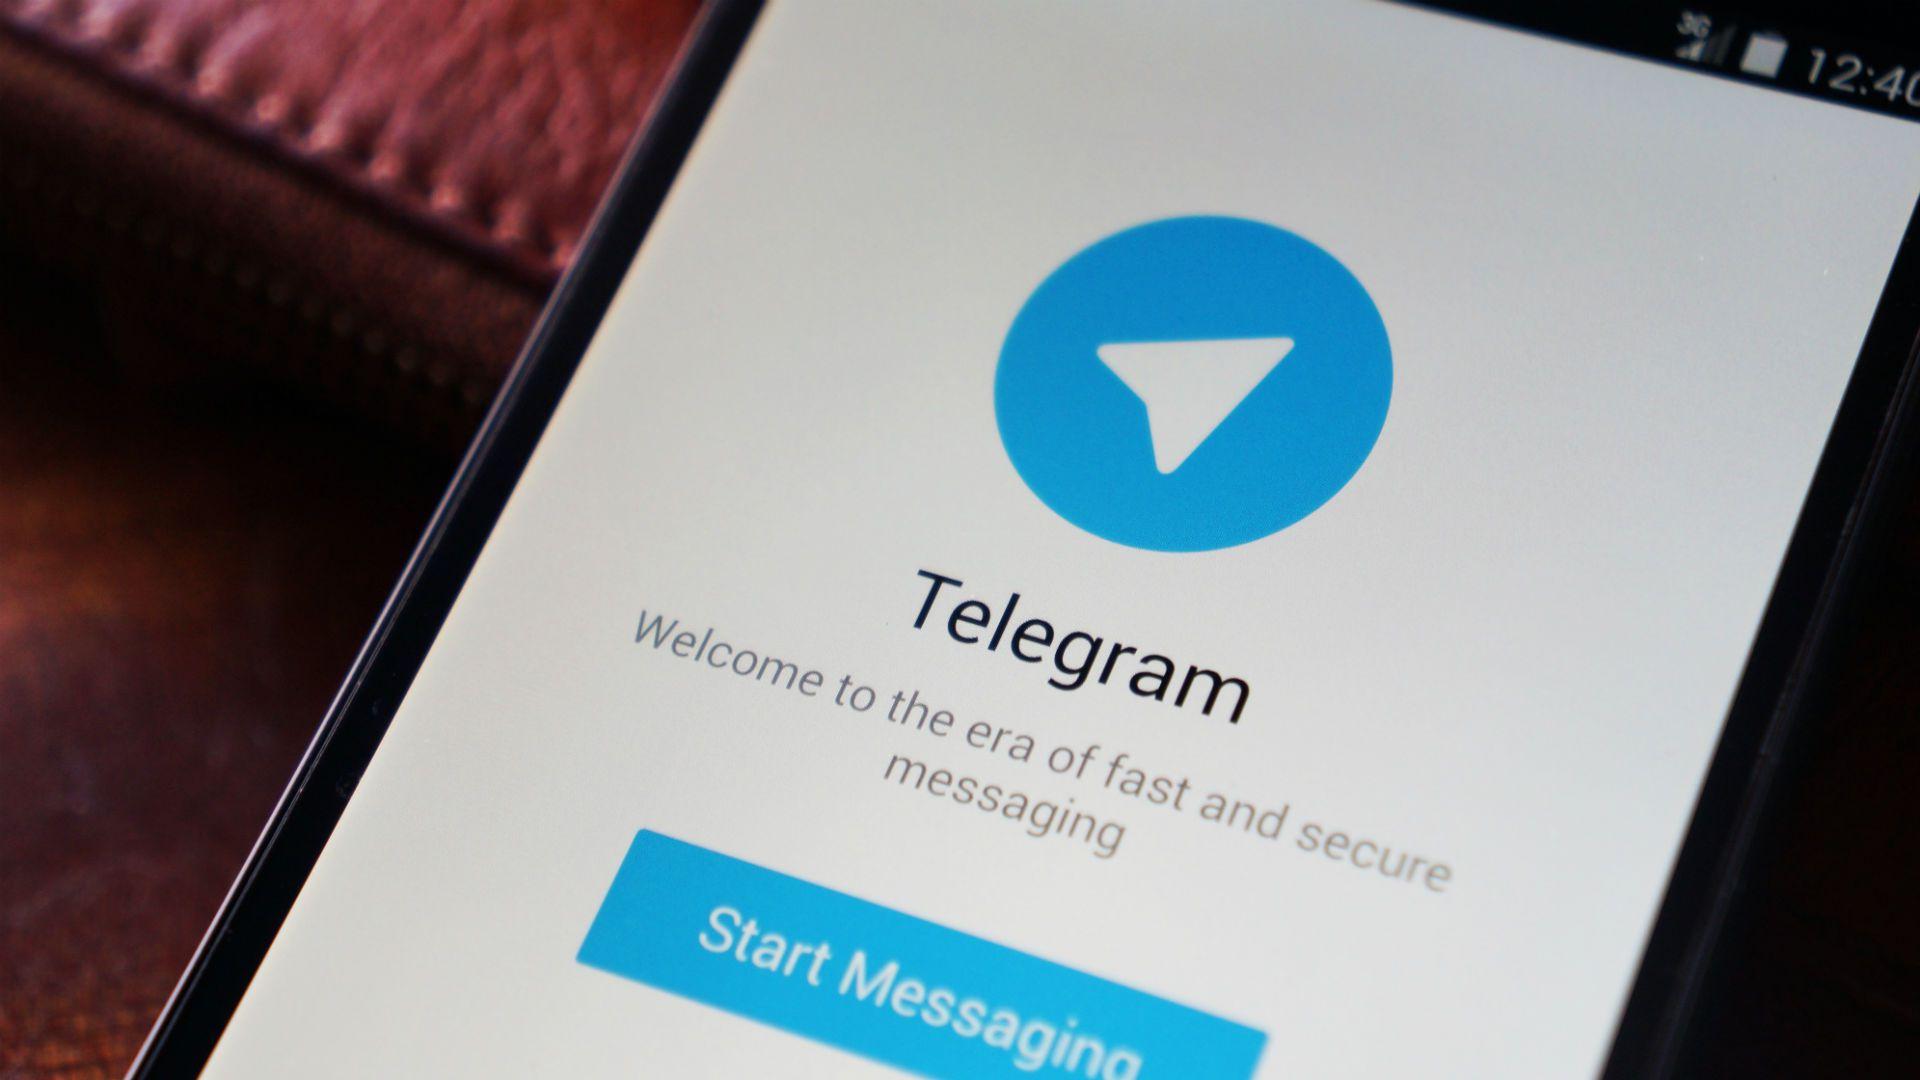 La aplicación de mensajería Telegram suma mejoras en la privacidad y otras funciones en la última actualización.